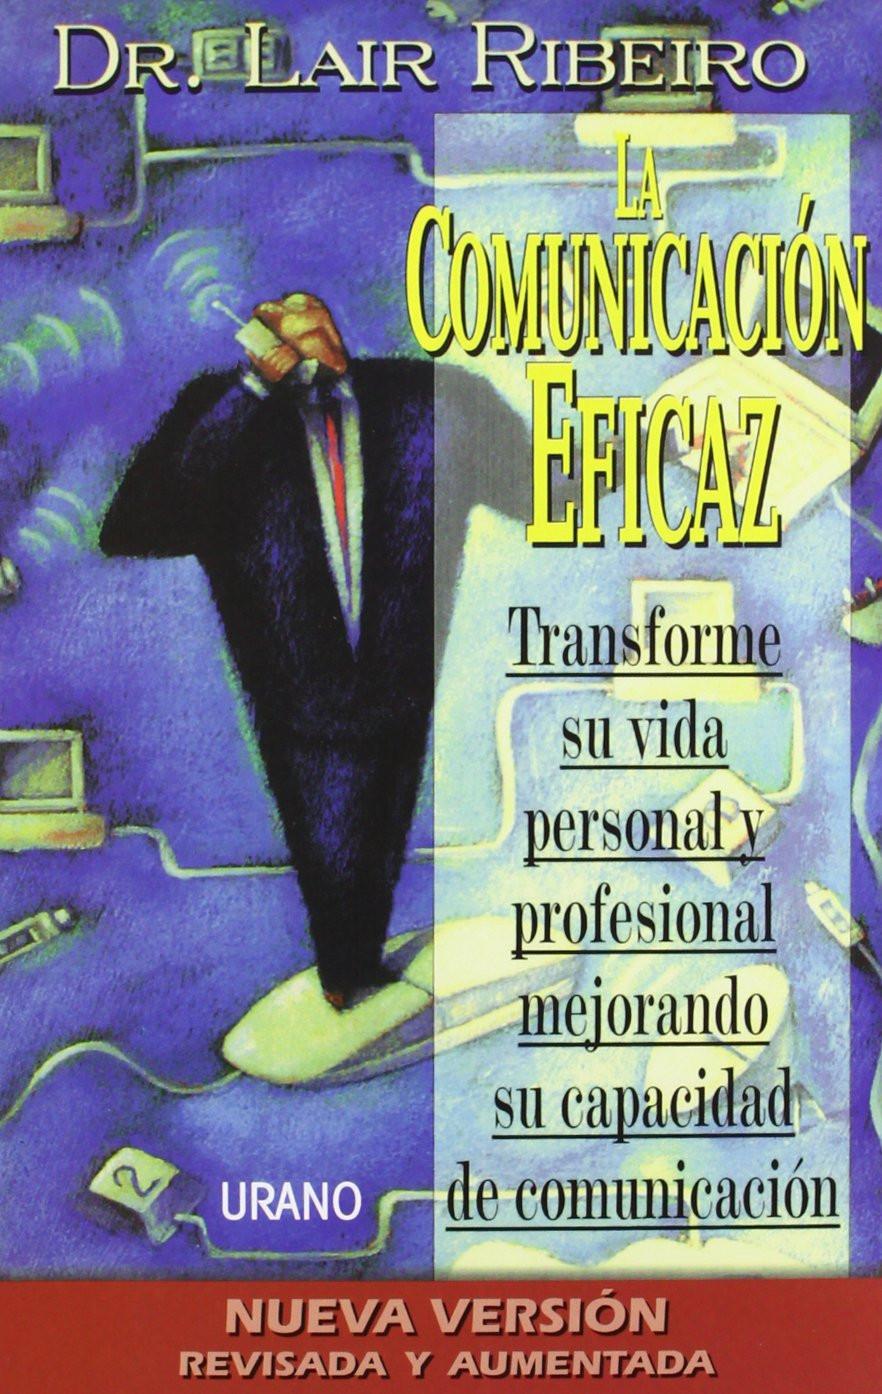 Transforme su vida personal y profesional mejorando su capacidad de comunicación